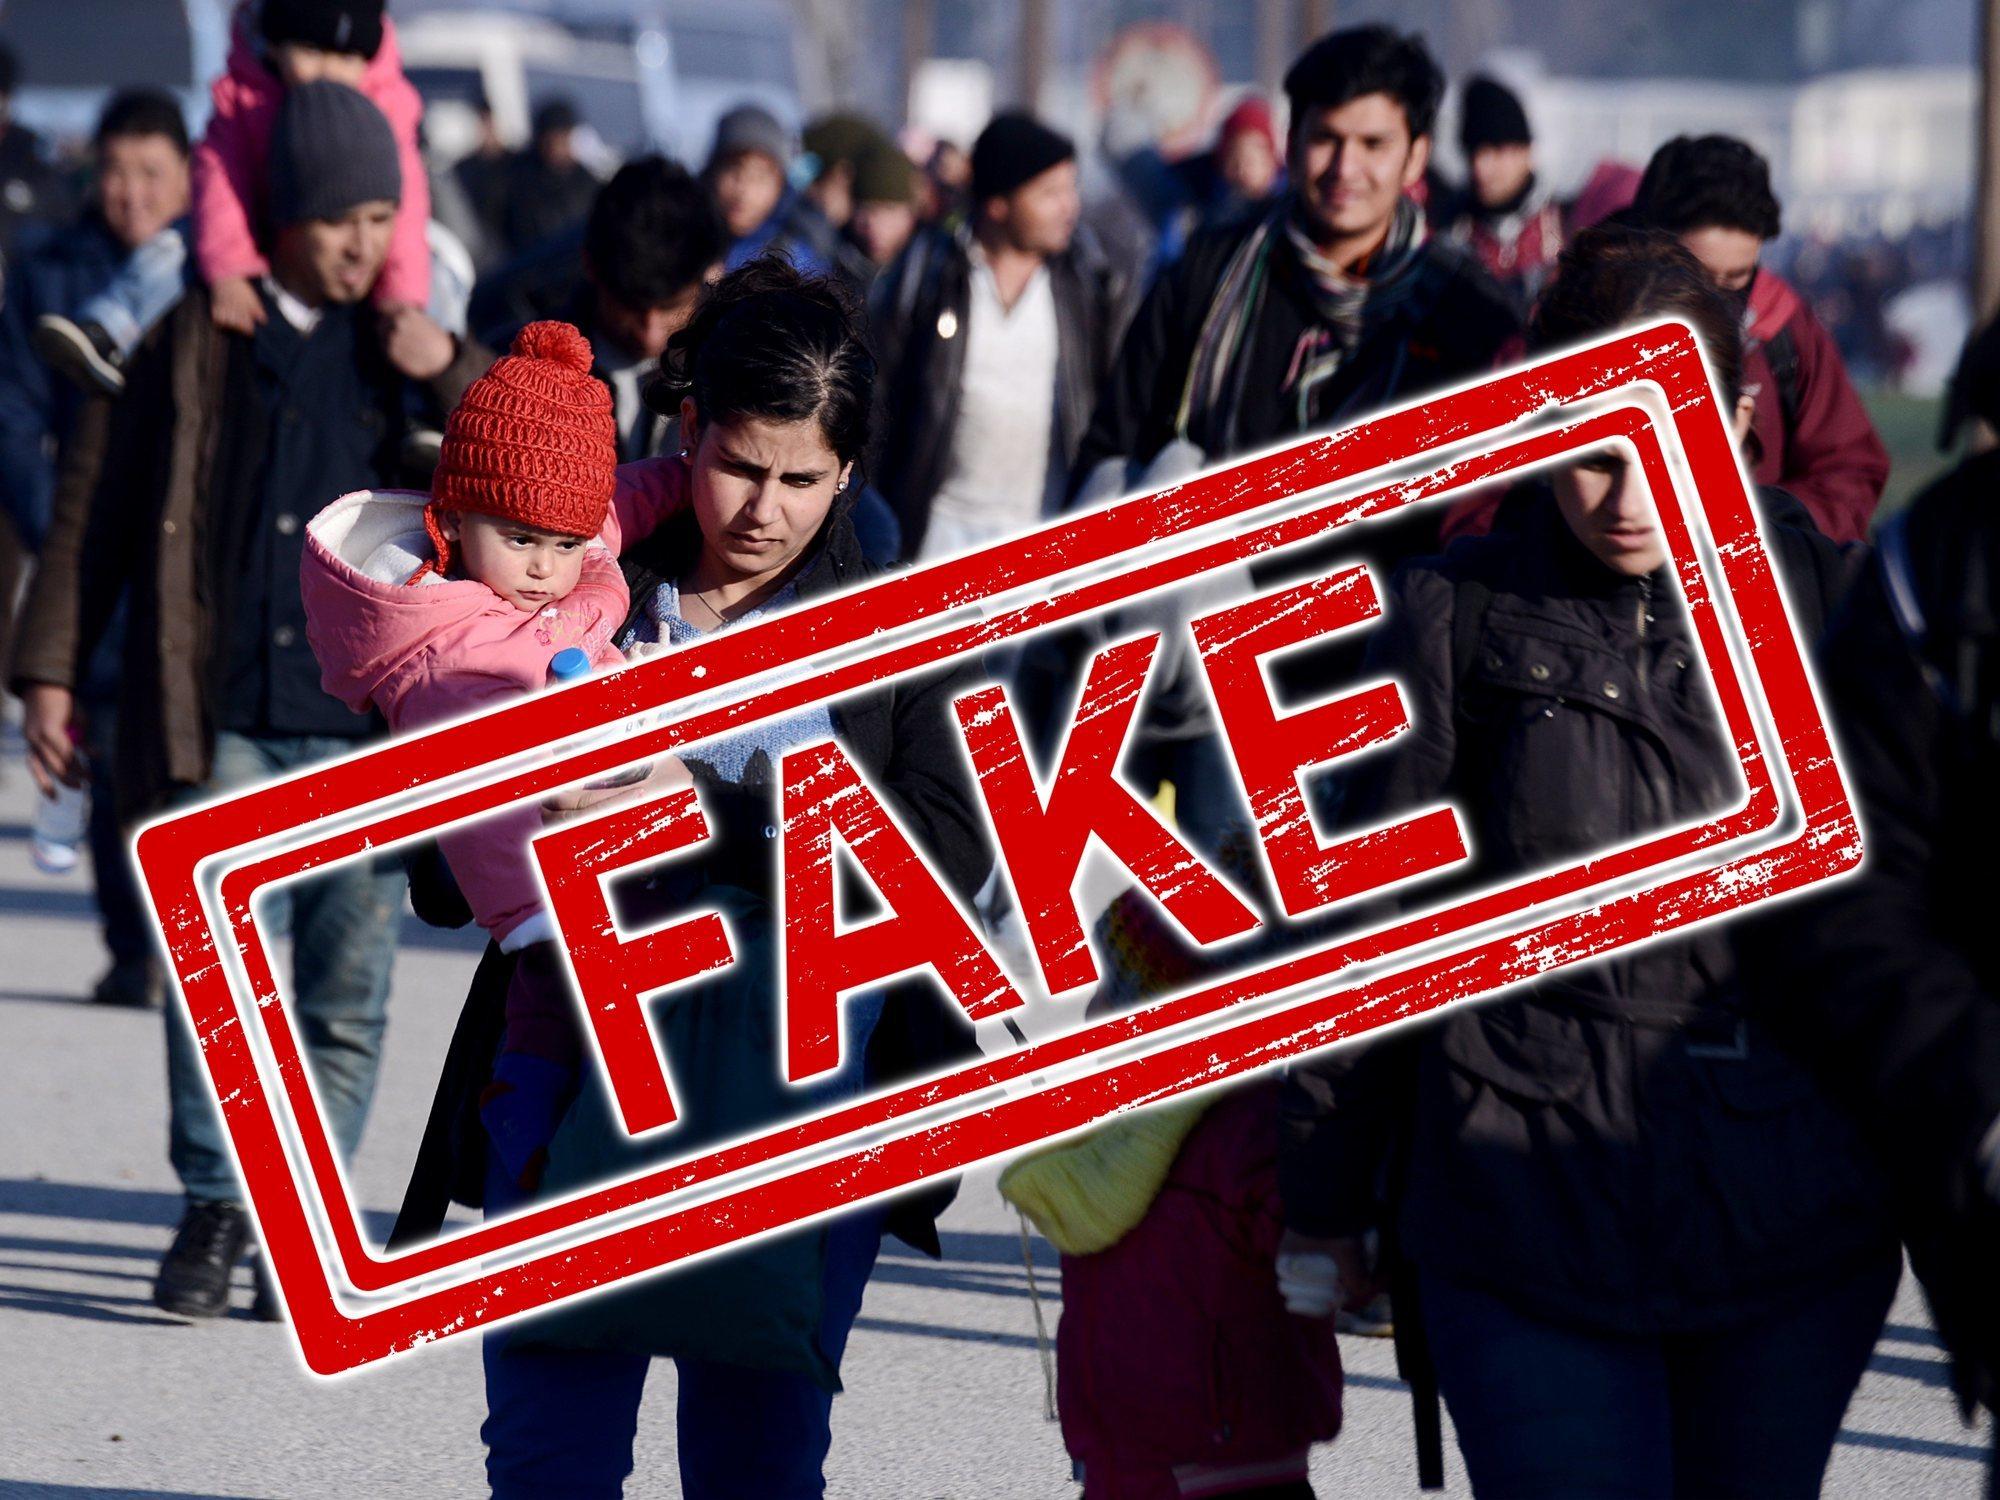 El mensaje del 'funcionario del INEM' sobre las ayudas a inmigrantes es falso